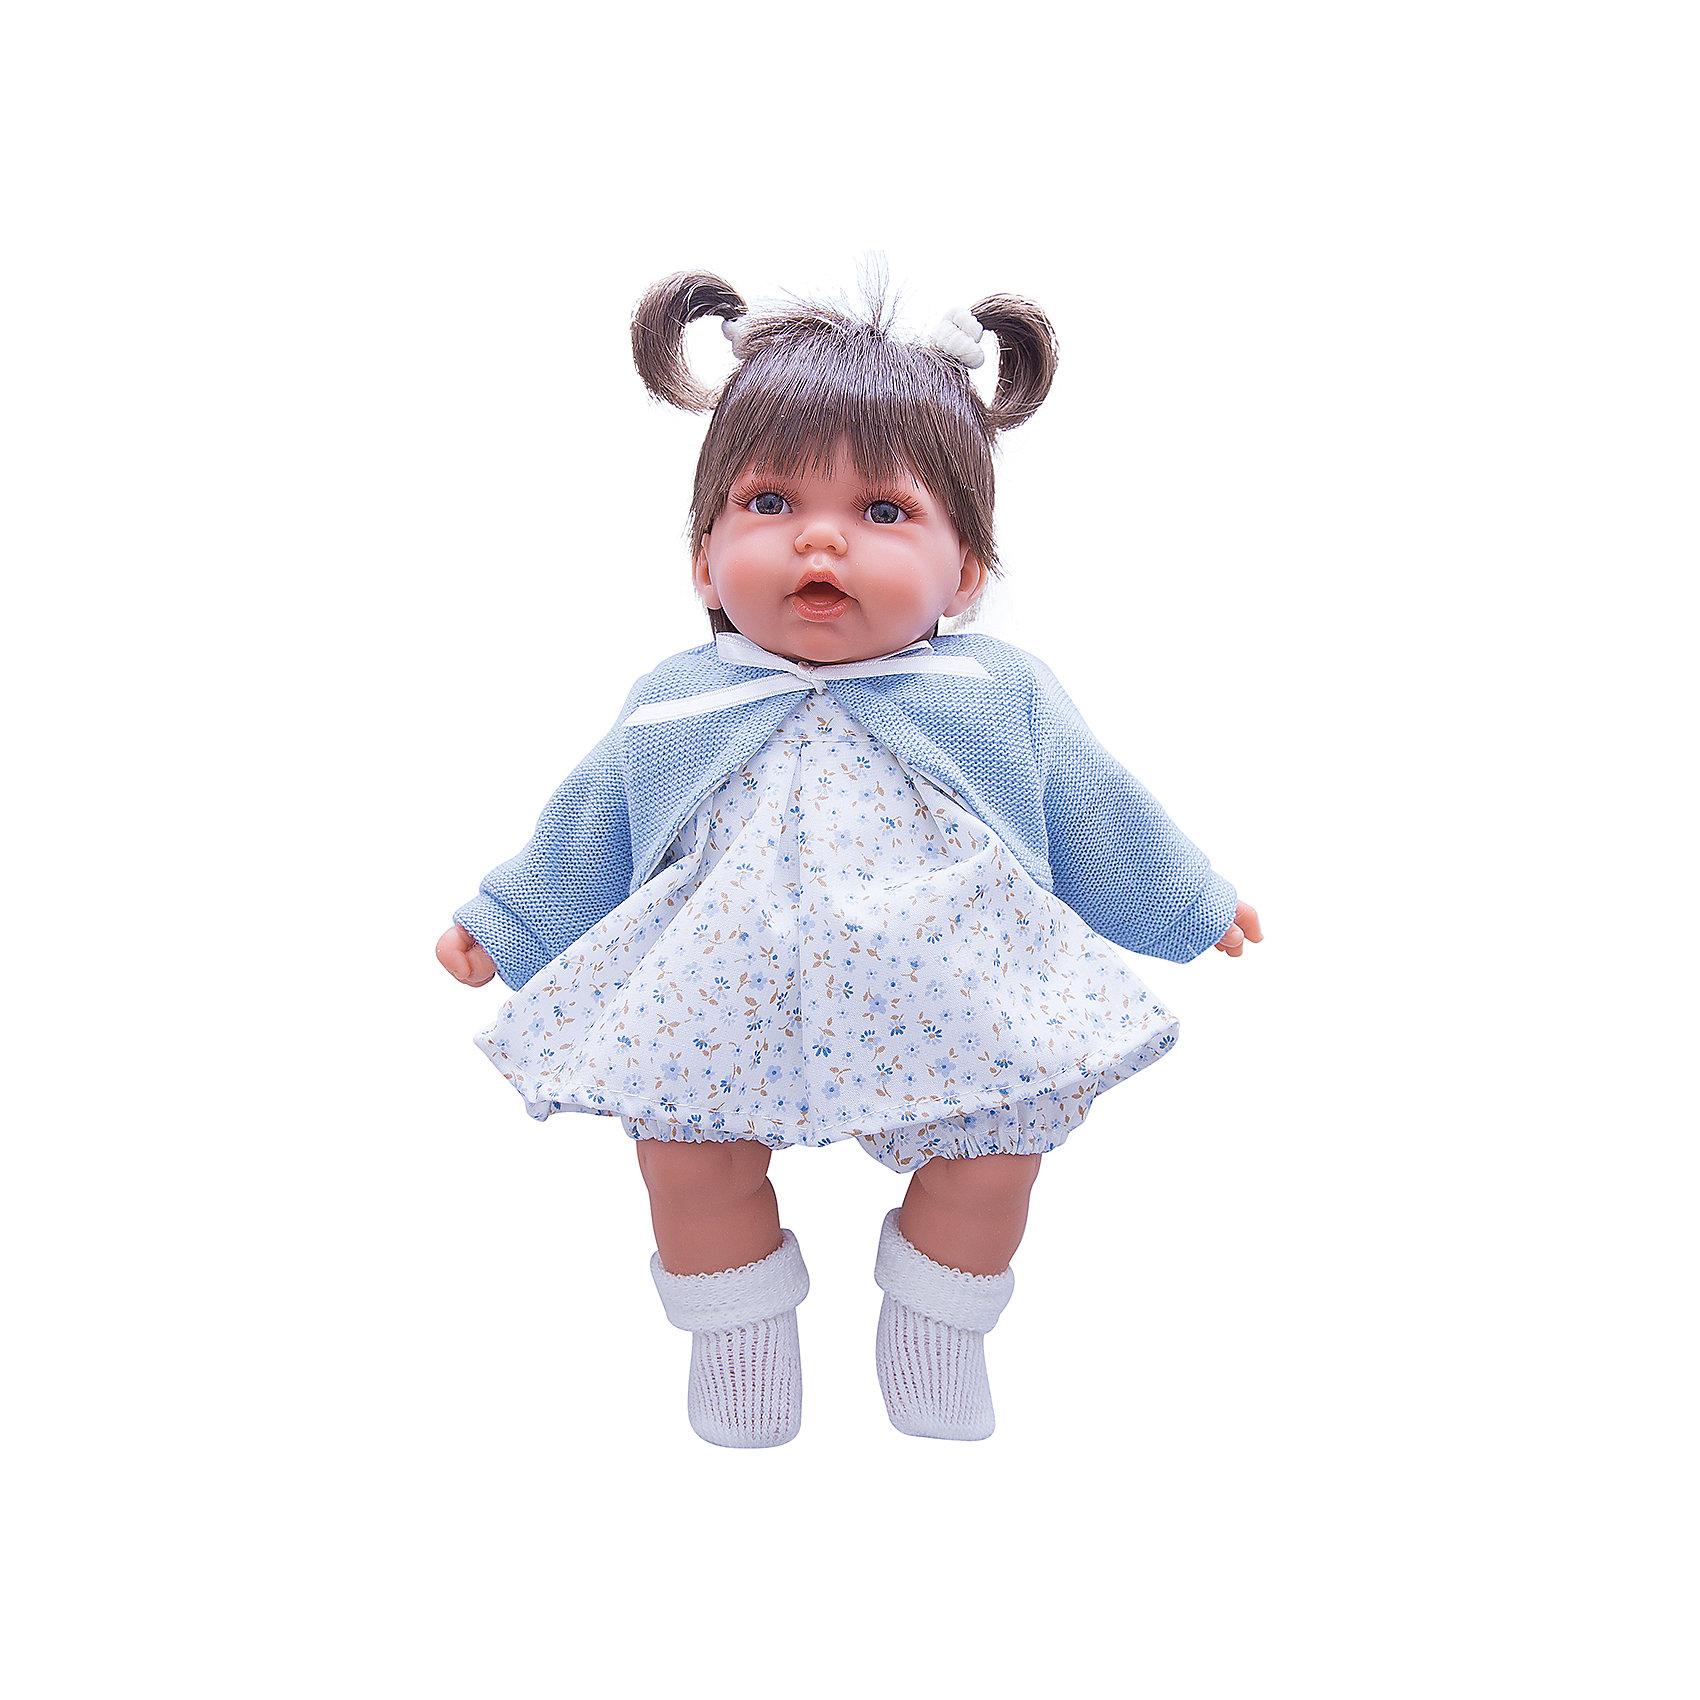 Кукла Элис в голубом, 27 см, Munecas Antonio JuanКуклы<br>Кукла Элис в голубом, 27 см, Munecas Antonio Juan (Мунекас Антонио Хуан) - эта очаровательная малышка покорит и детей, и родителей.<br>Кукла Элис выглядит как настоящий ребенок, а ее трогательный внешний вид вызывает только самые положительные и добрые эмоции. Эта чудесная милая малышка станет любимицей Вашей девочки и будет воспитывать в ней доброту, внимание и заботу. Личико куклы сделано с детальными прорисовками. Пухлые щечки и губки, выразительные глаза придают игрушке реалистичный вид. Ротик у куклы приоткрыт. Малышка Элис одета светлое платье в мелкий рисунок, голубую кофточку и белые носочки. Волосы завязаны в два хвостика. При нажатии на животик куклы, она весело смеется, а так же может позвать маму и папу. Тельце у куклы мягко-набивное, голова, ручки и ножки сделаны из высококачественного винила. Ручки и ножки подвижны. Кукла изготовлена из высококачественных и экологически чистых материалов, поэтому безопасна для детей любого возраста, соответствует всем нормам и требованиям к качеству детских товаров. Образы малышей Мунекас разработаны известными европейскими дизайнерами. Они натуралистичны, анатомически точны.<br><br>Дополнительная информация:<br><br>- Интерактивные функции куклы: нажмите на животик 1 раз кукла засмеется, 2ой раз - кукла скажет мама, 3ий раз - скажет папа<br>- Глаза куклы не закрываются<br>- Высоты куклы: 27 см.<br>- Работает от 3-х батареек LR44 (таблетки) (батарейки входят в комплект)<br>- Материал: винил, текстиль<br><br>Куклу Элис в голубом, 27 см, Munecas Antonio Juan (Мунекас Антонио Хуан) можно купить в нашем интернет-магазине.<br><br>Ширина мм: 315<br>Глубина мм: 180<br>Высота мм: 145<br>Вес г: 650<br>Возраст от месяцев: 36<br>Возраст до месяцев: 84<br>Пол: Женский<br>Возраст: Детский<br>SKU: 4201310